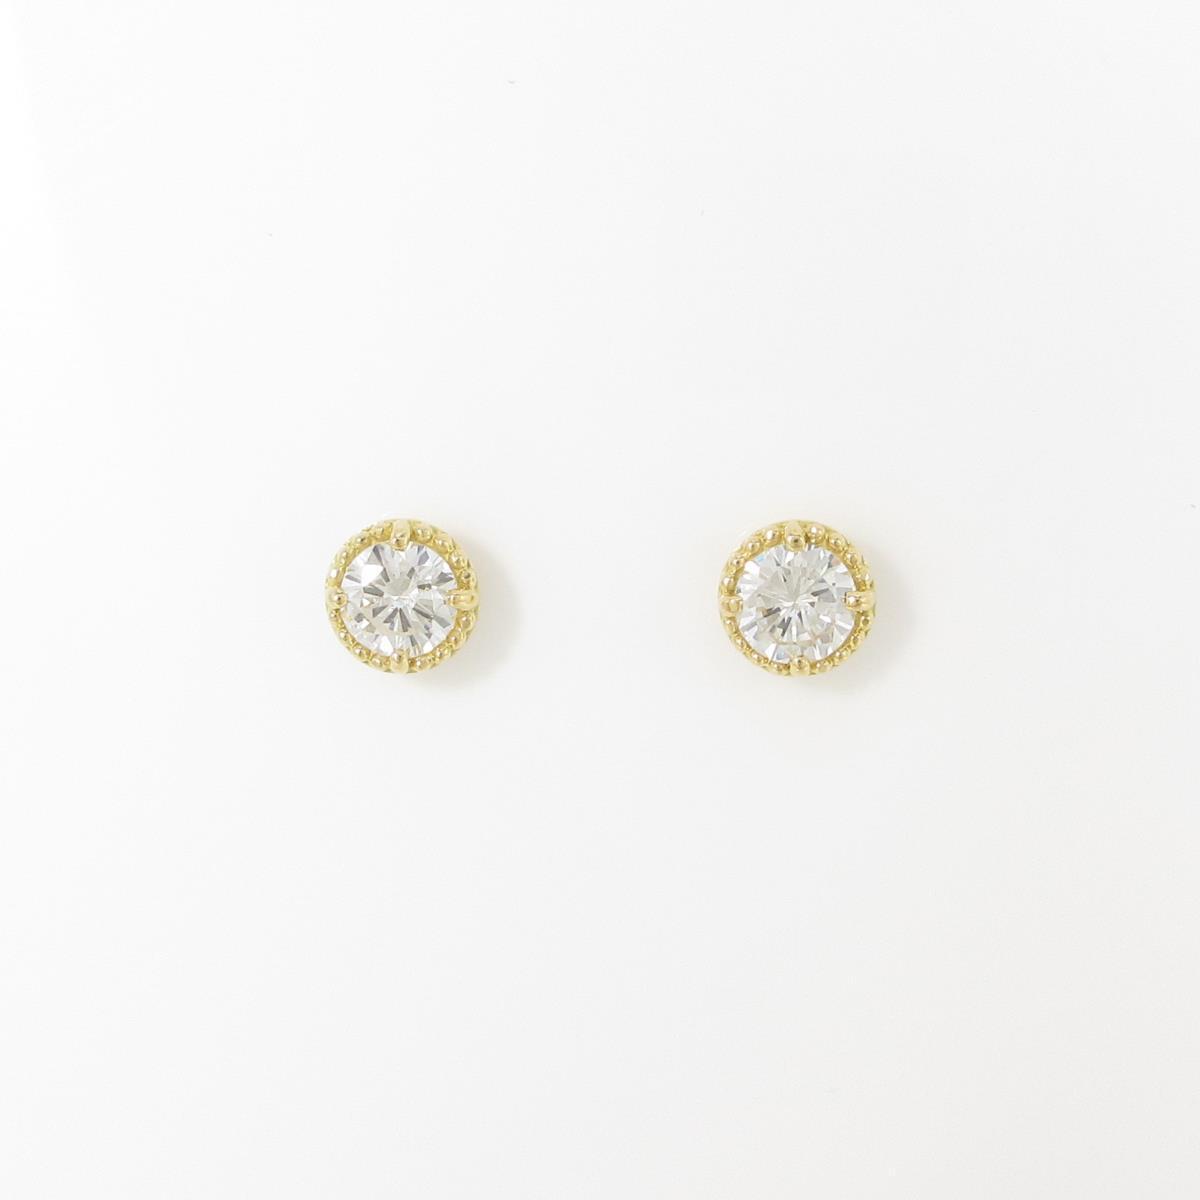 【リメイク】K18YG/ST ダイヤモンドピアス 0.230ct・0.244ct・H-I・VS2・GOOD【中古】